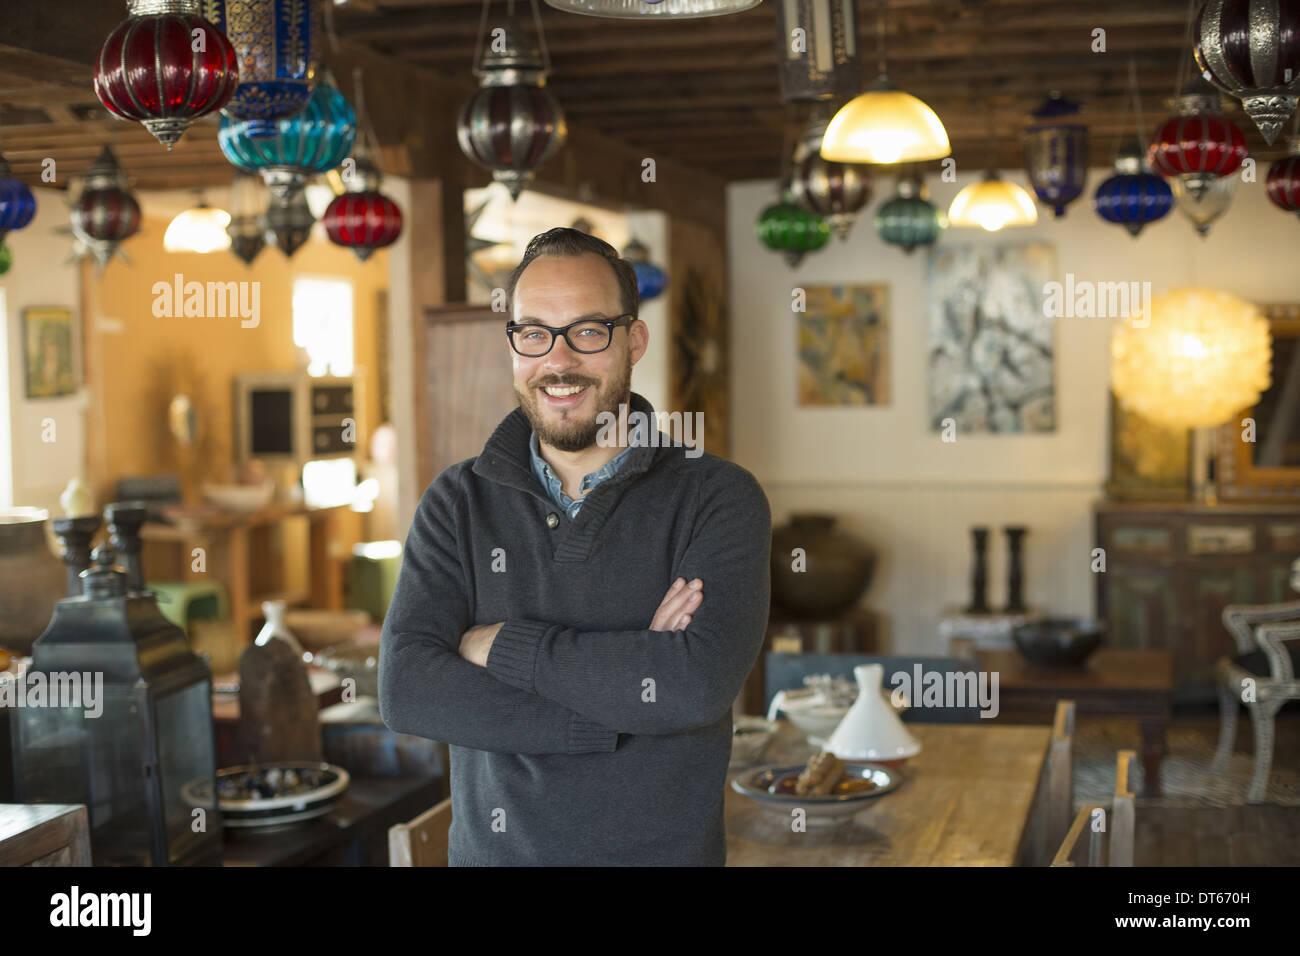 Ein Mann steht in einem Laden voller Antiquitäten und dekorative Objekte. Antiquitätengeschäft zeigt. Beleuchtung, Opalglas und Möbel. Stockbild